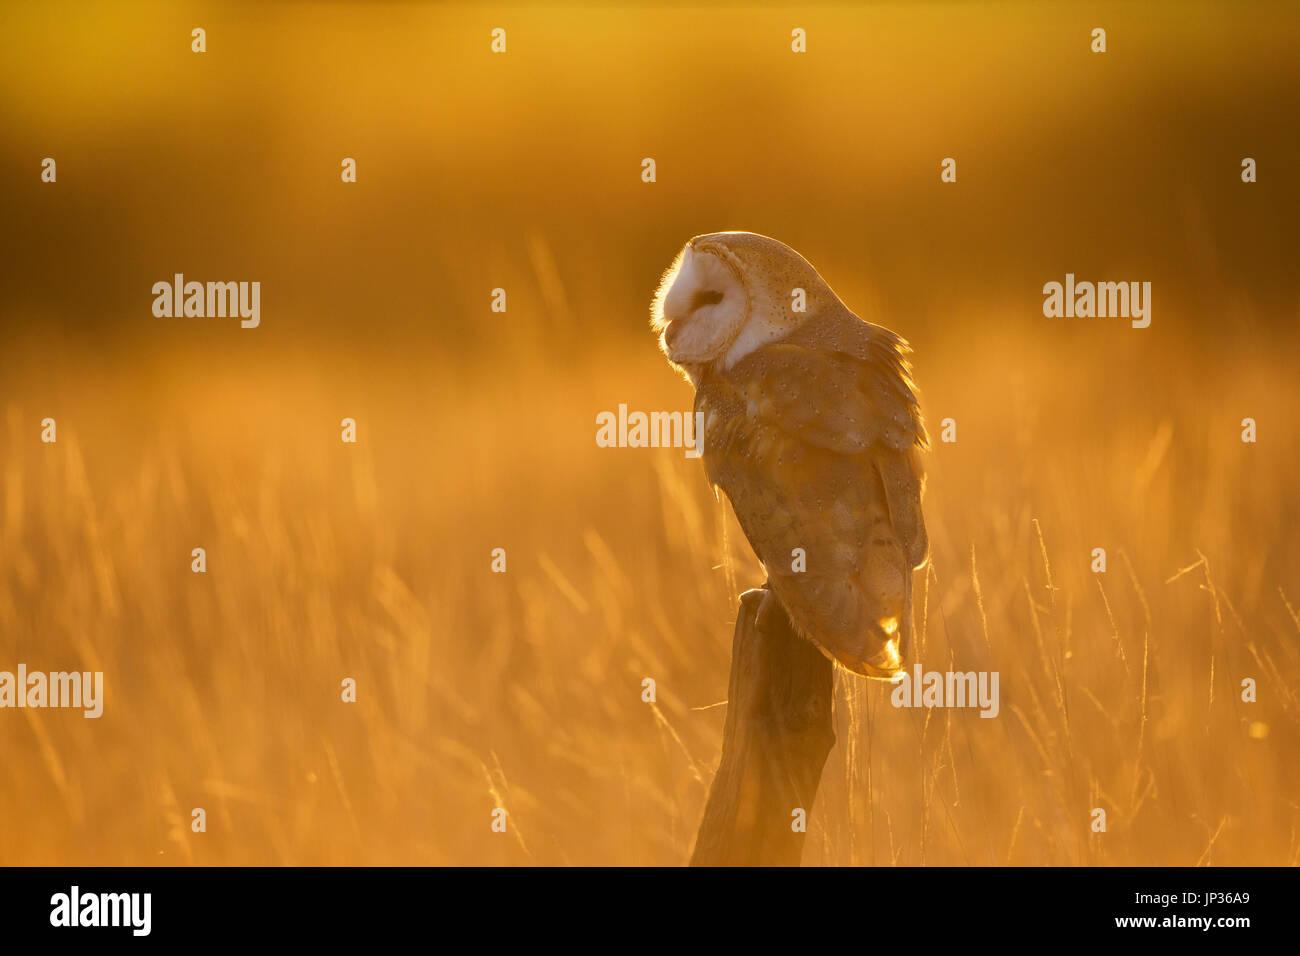 Effraie des clochers (Tyto alba) perché dans la lumière dorée au coucher du soleil Photo Stock